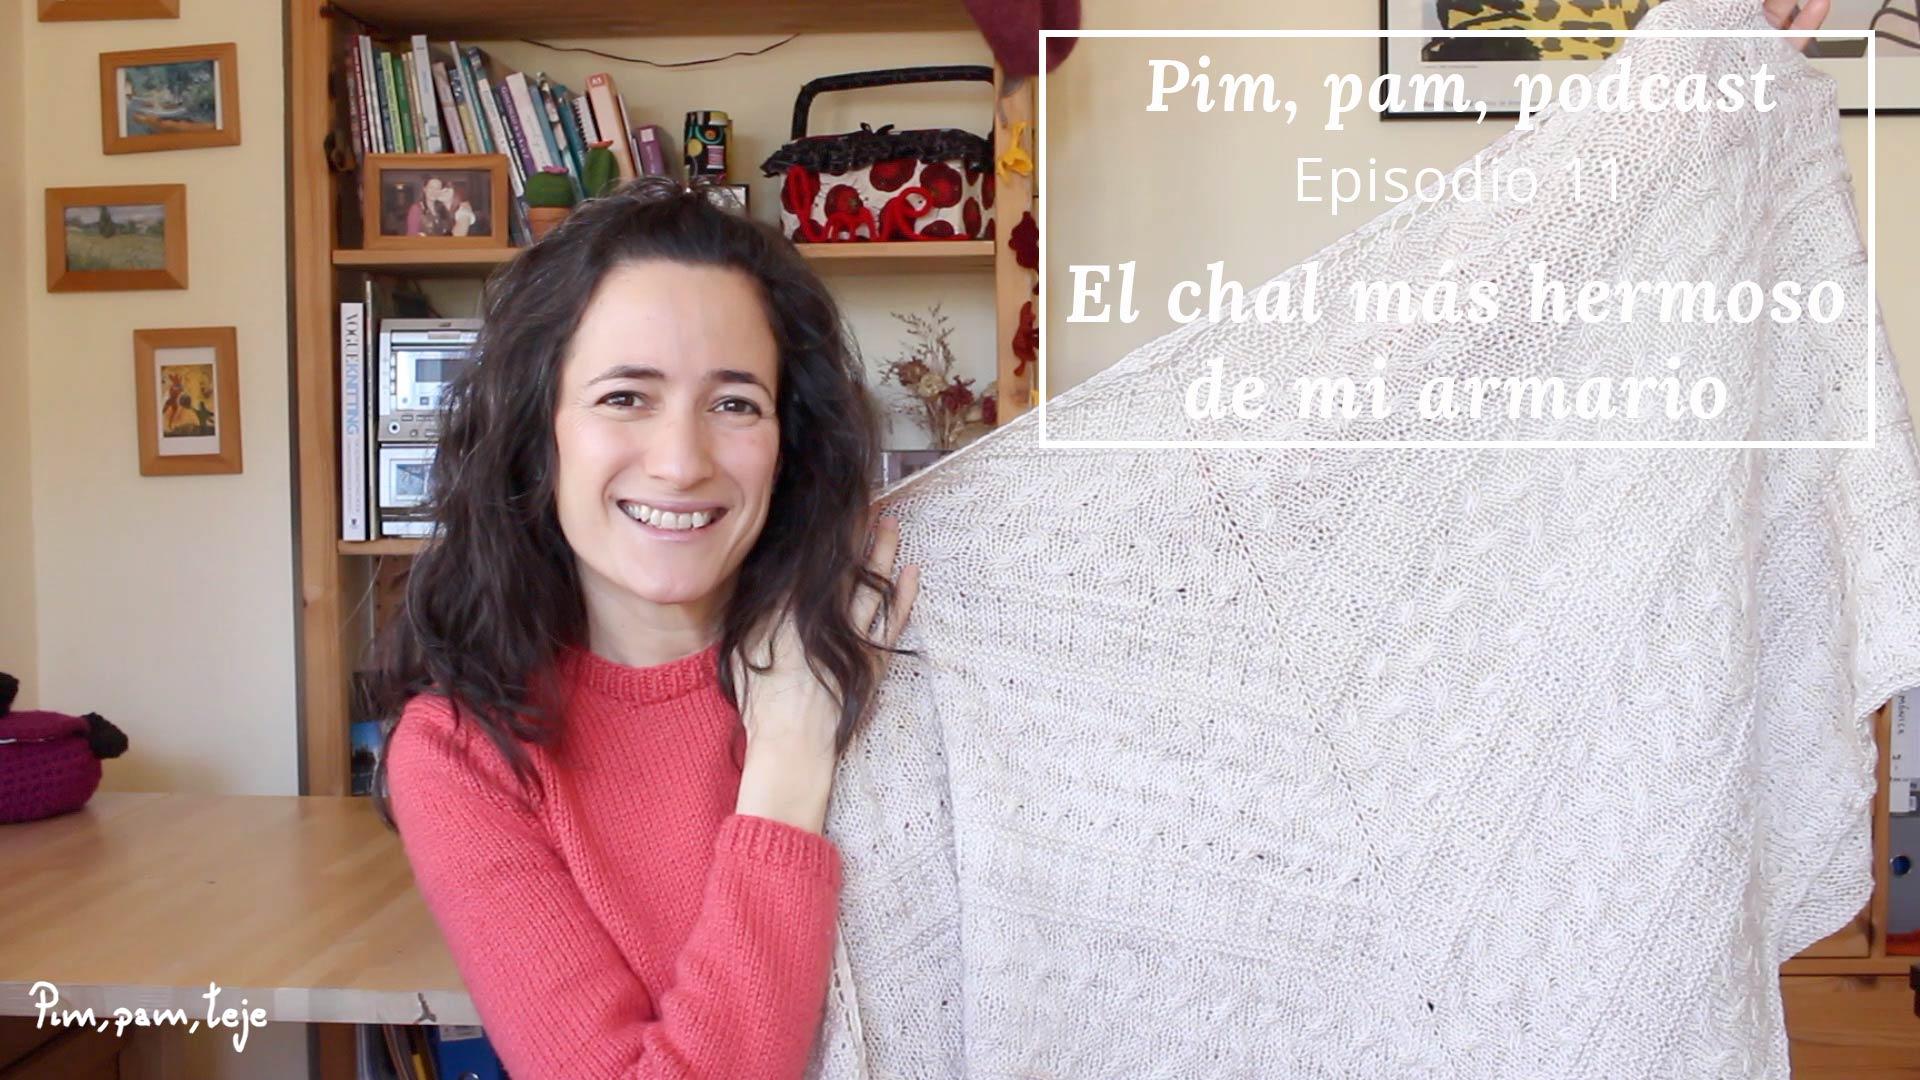 Pim, pam, teje! - Pequeños proyectos para tejedoras con poco tiempo